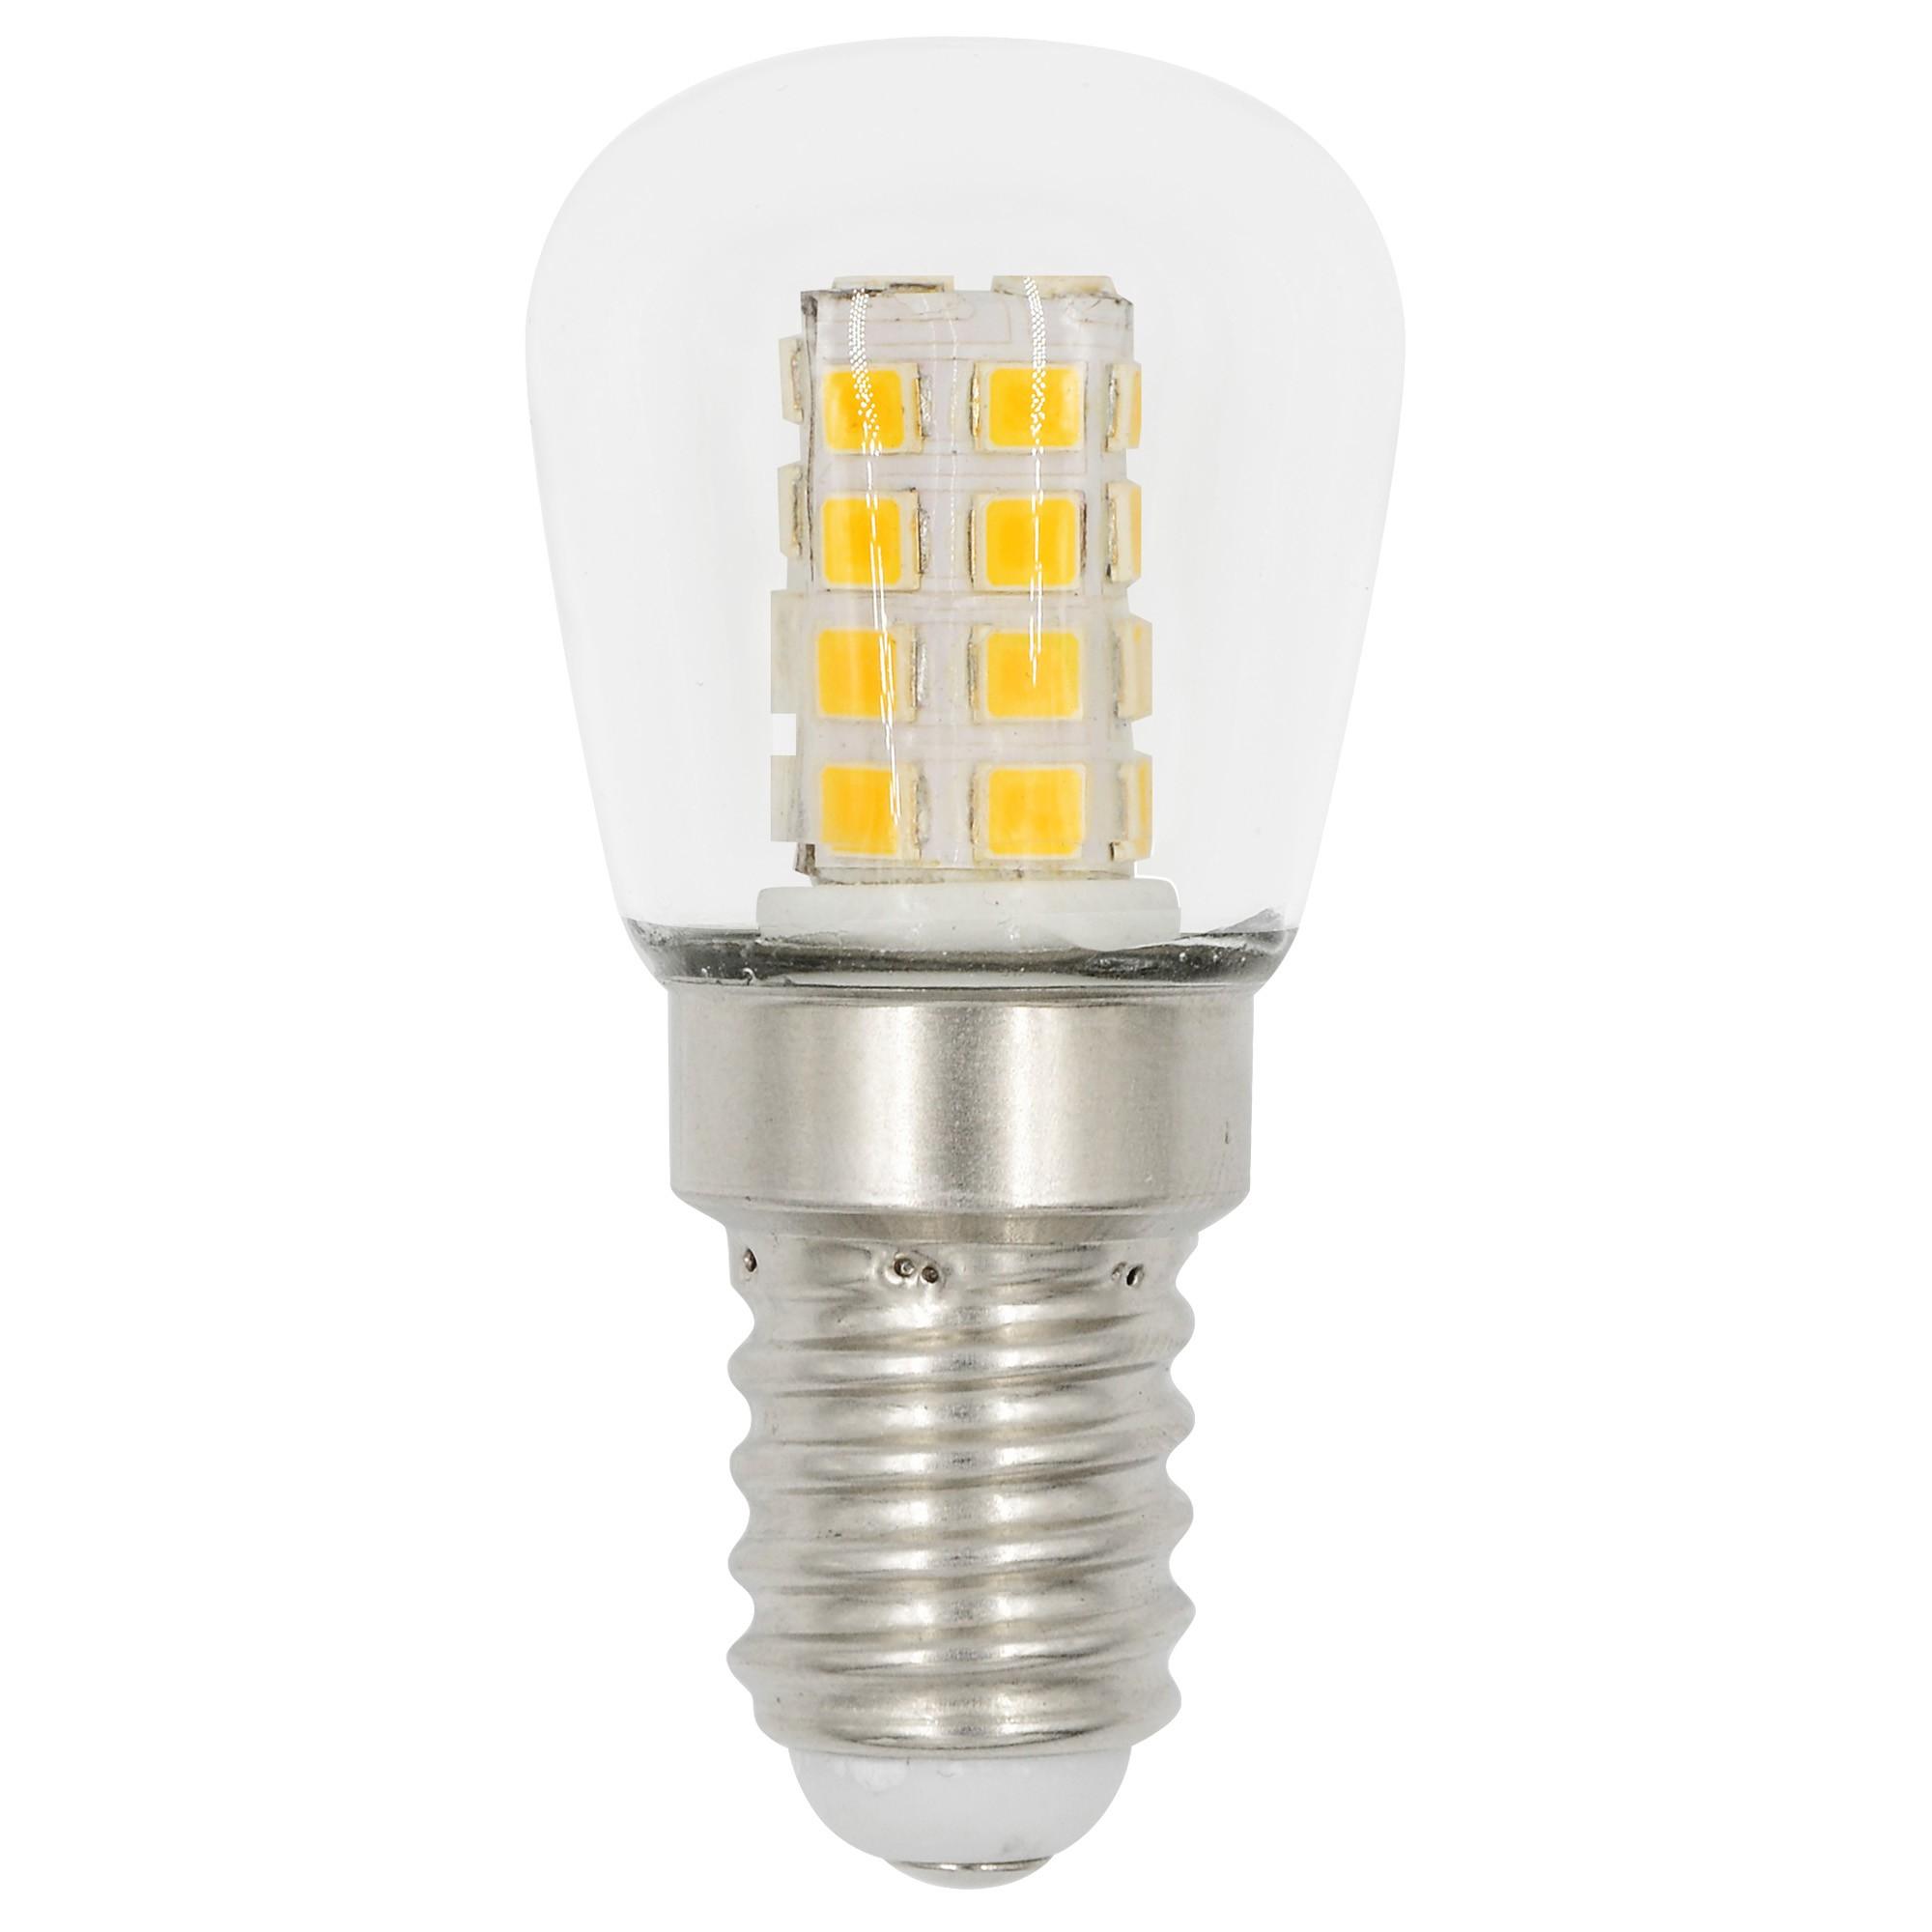 Mengsled Mengs E14 3w Led Light 26x 2835 Smd Led Bulb Lamp In Warm White Cool White Energy